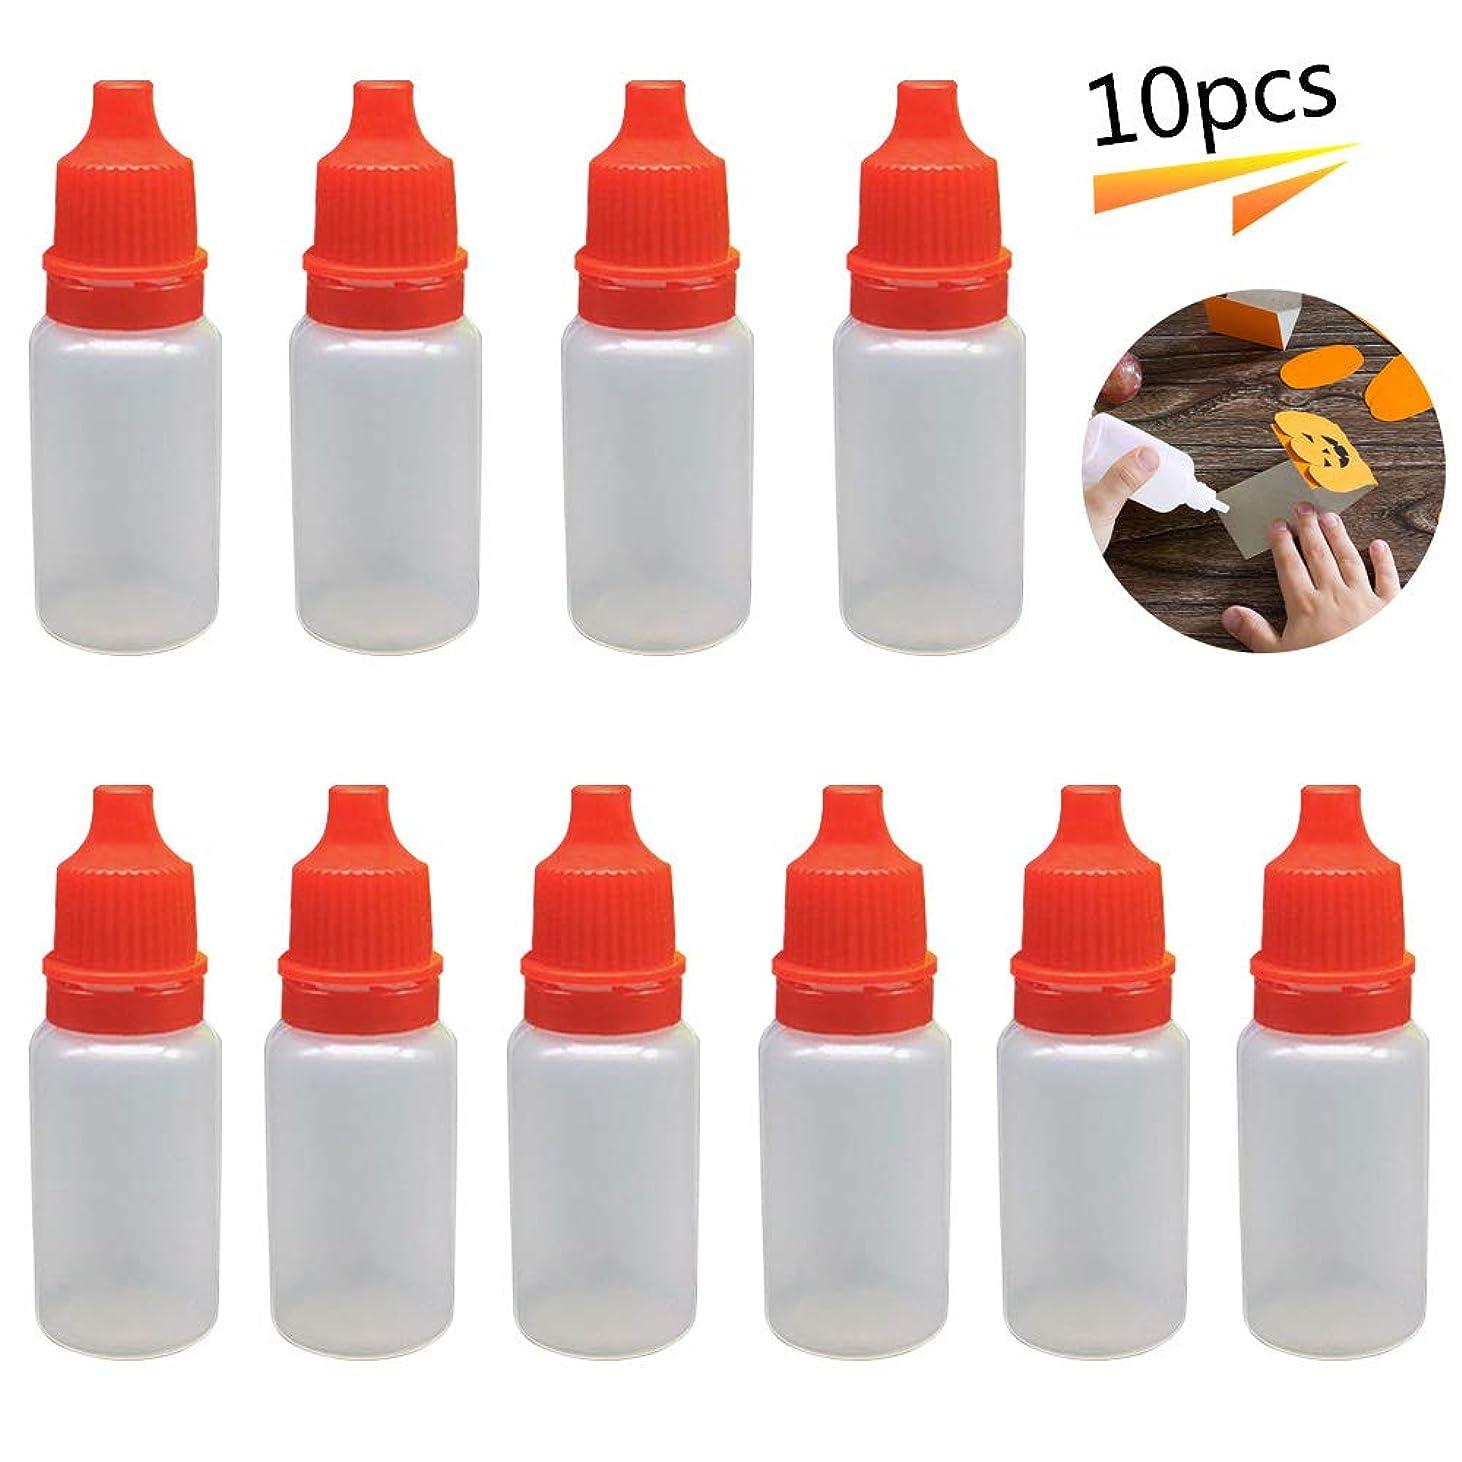 シャンプー顕微鏡設置リキッドボトル ドロッパーボトル ニードルボトル スポイト 詰め替え 容器 電子タバコ リキッド注入用 リキッドの補充に便利 小分け 携帯用 ブレンド用プラスチック製「5ml レッド」